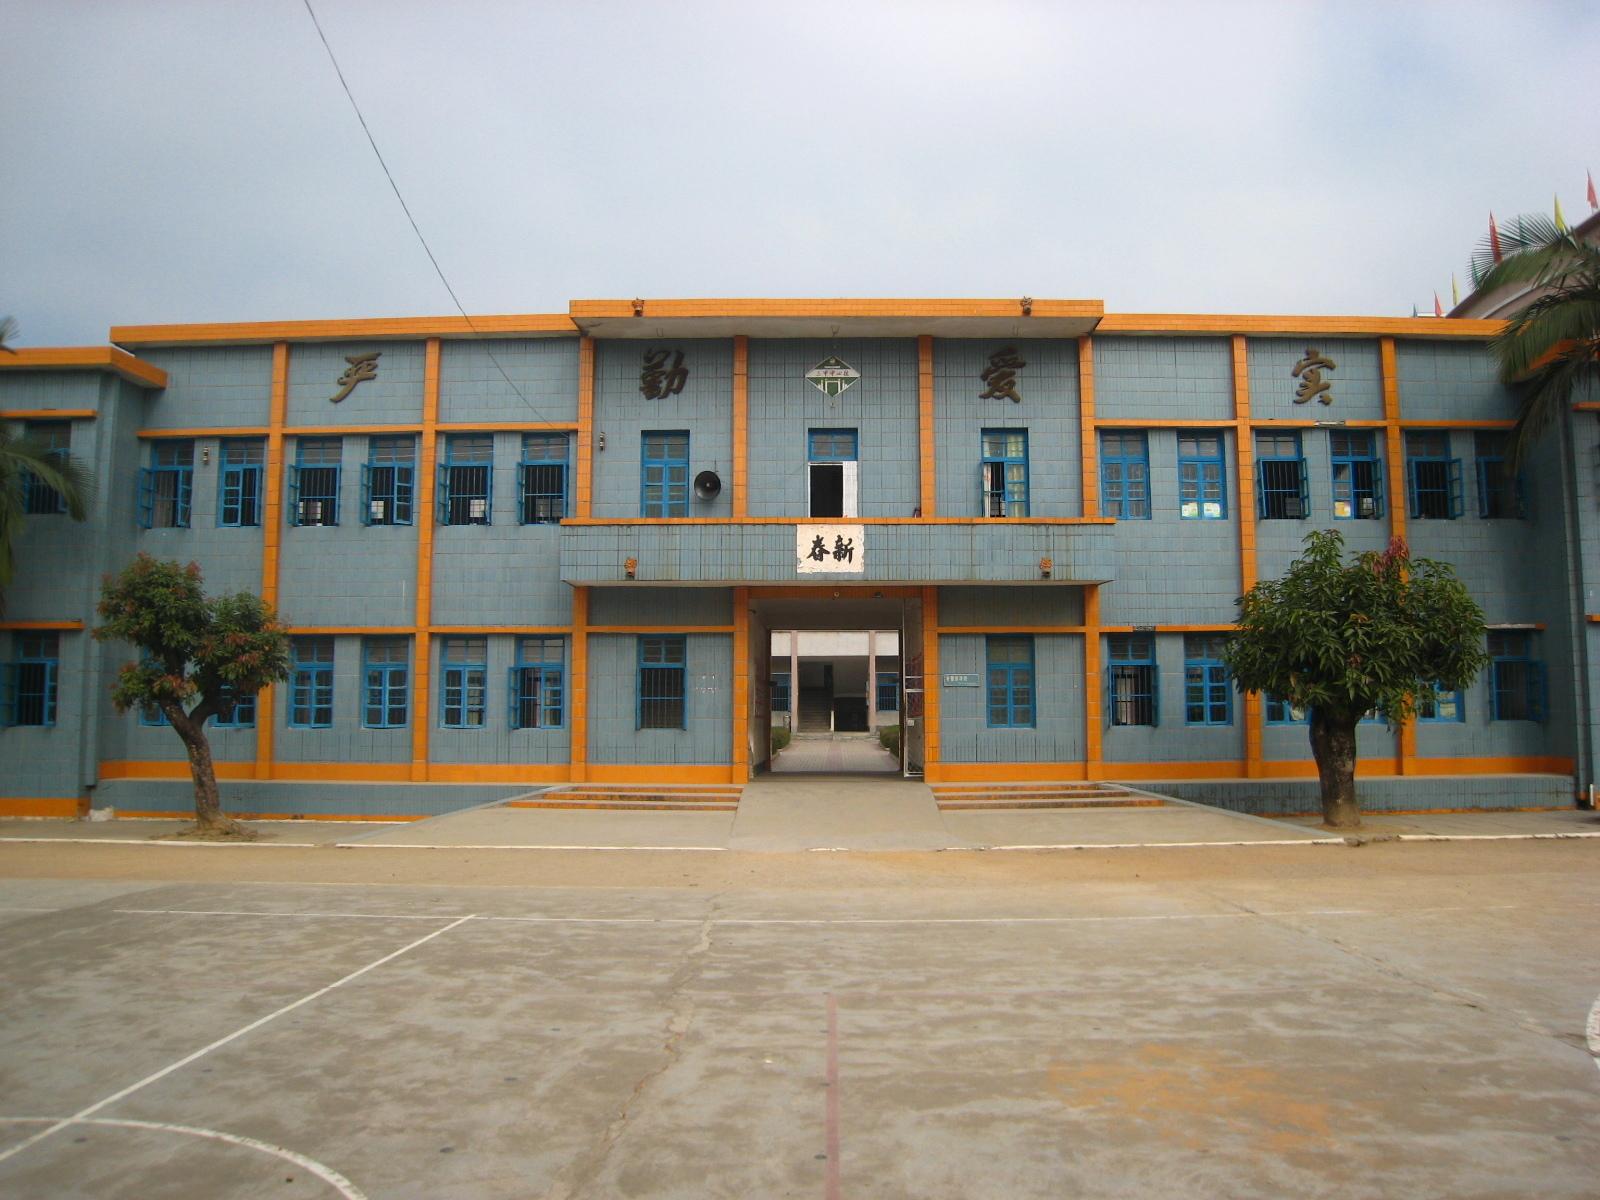 三甲镇,隶属于广东省阳春市,位于阳春市西南部,交通方便.